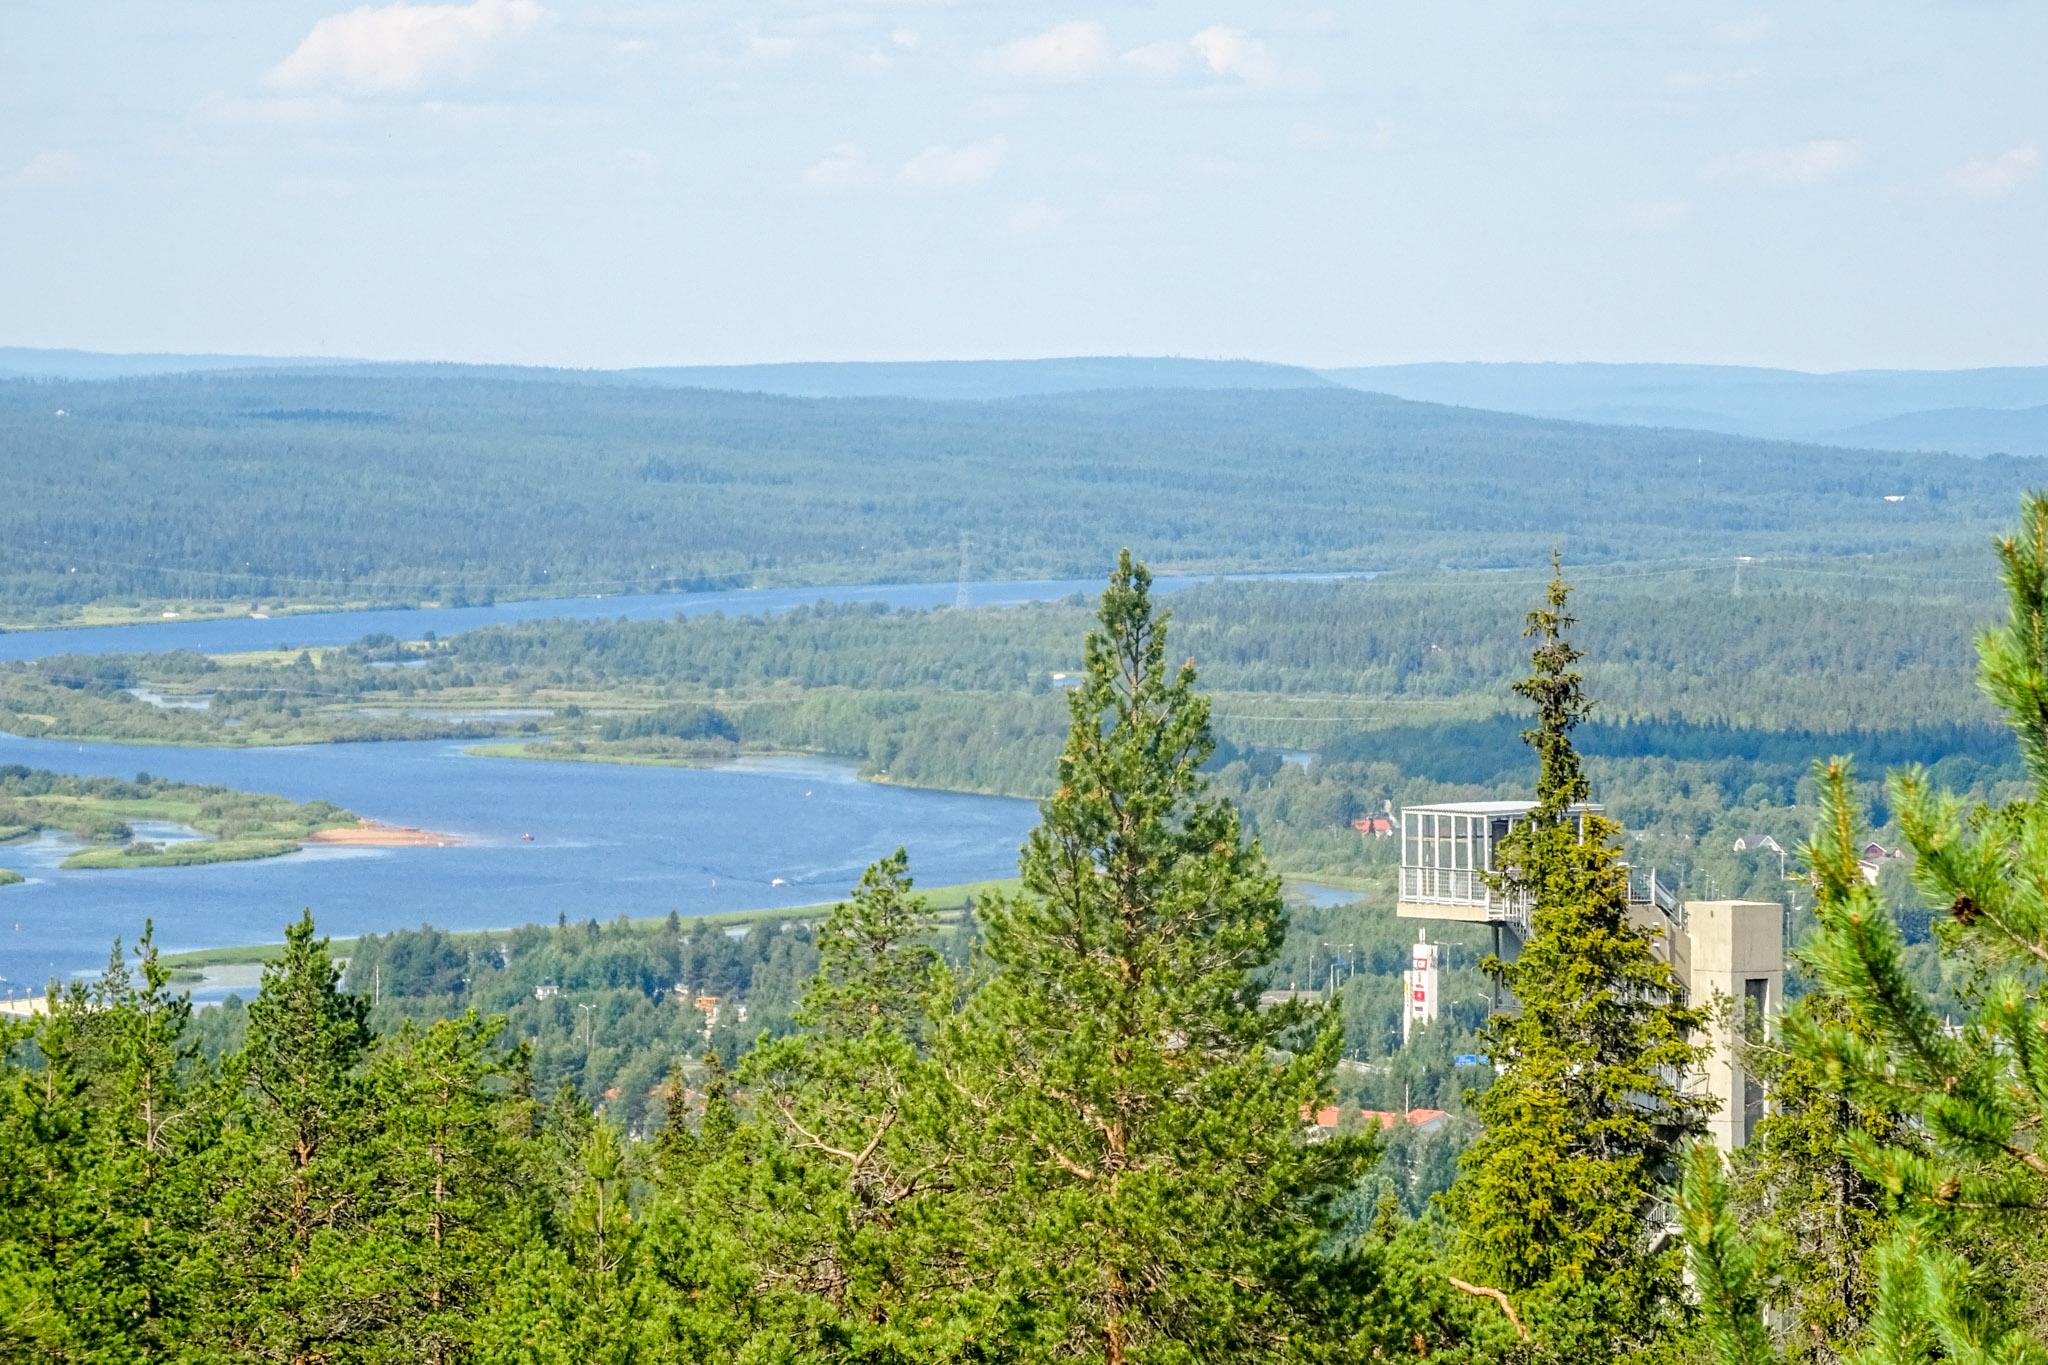 Blick auf den Ounasjoki